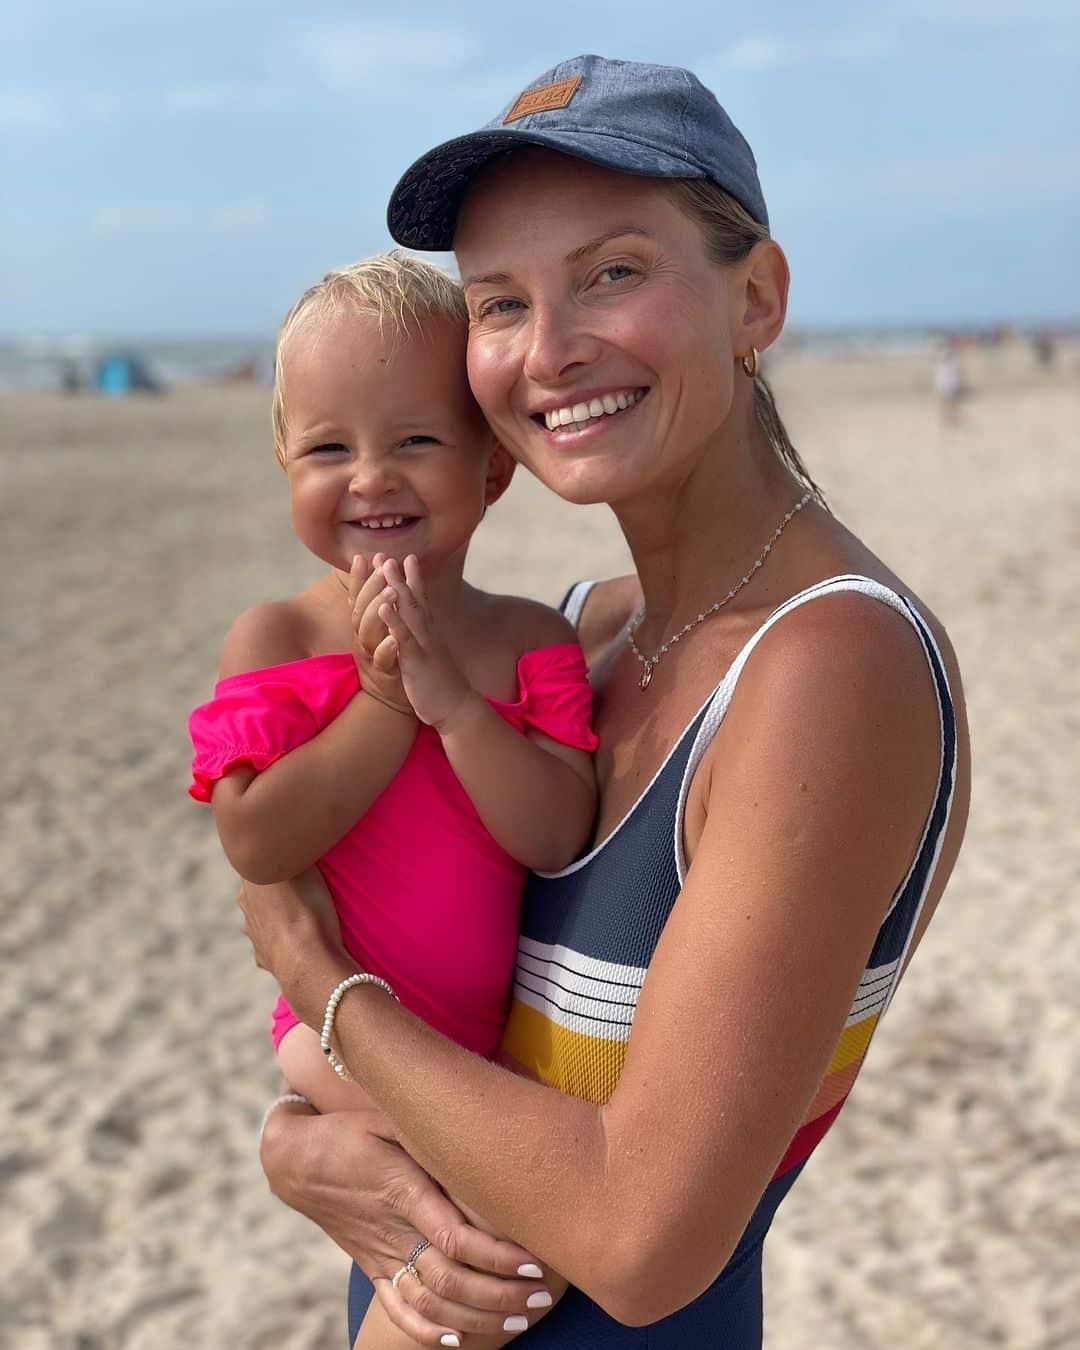 Półtoraroczna córka Joanny Moro jest już influenecerką. Zobacz, co reklamuje mała Ewa?!